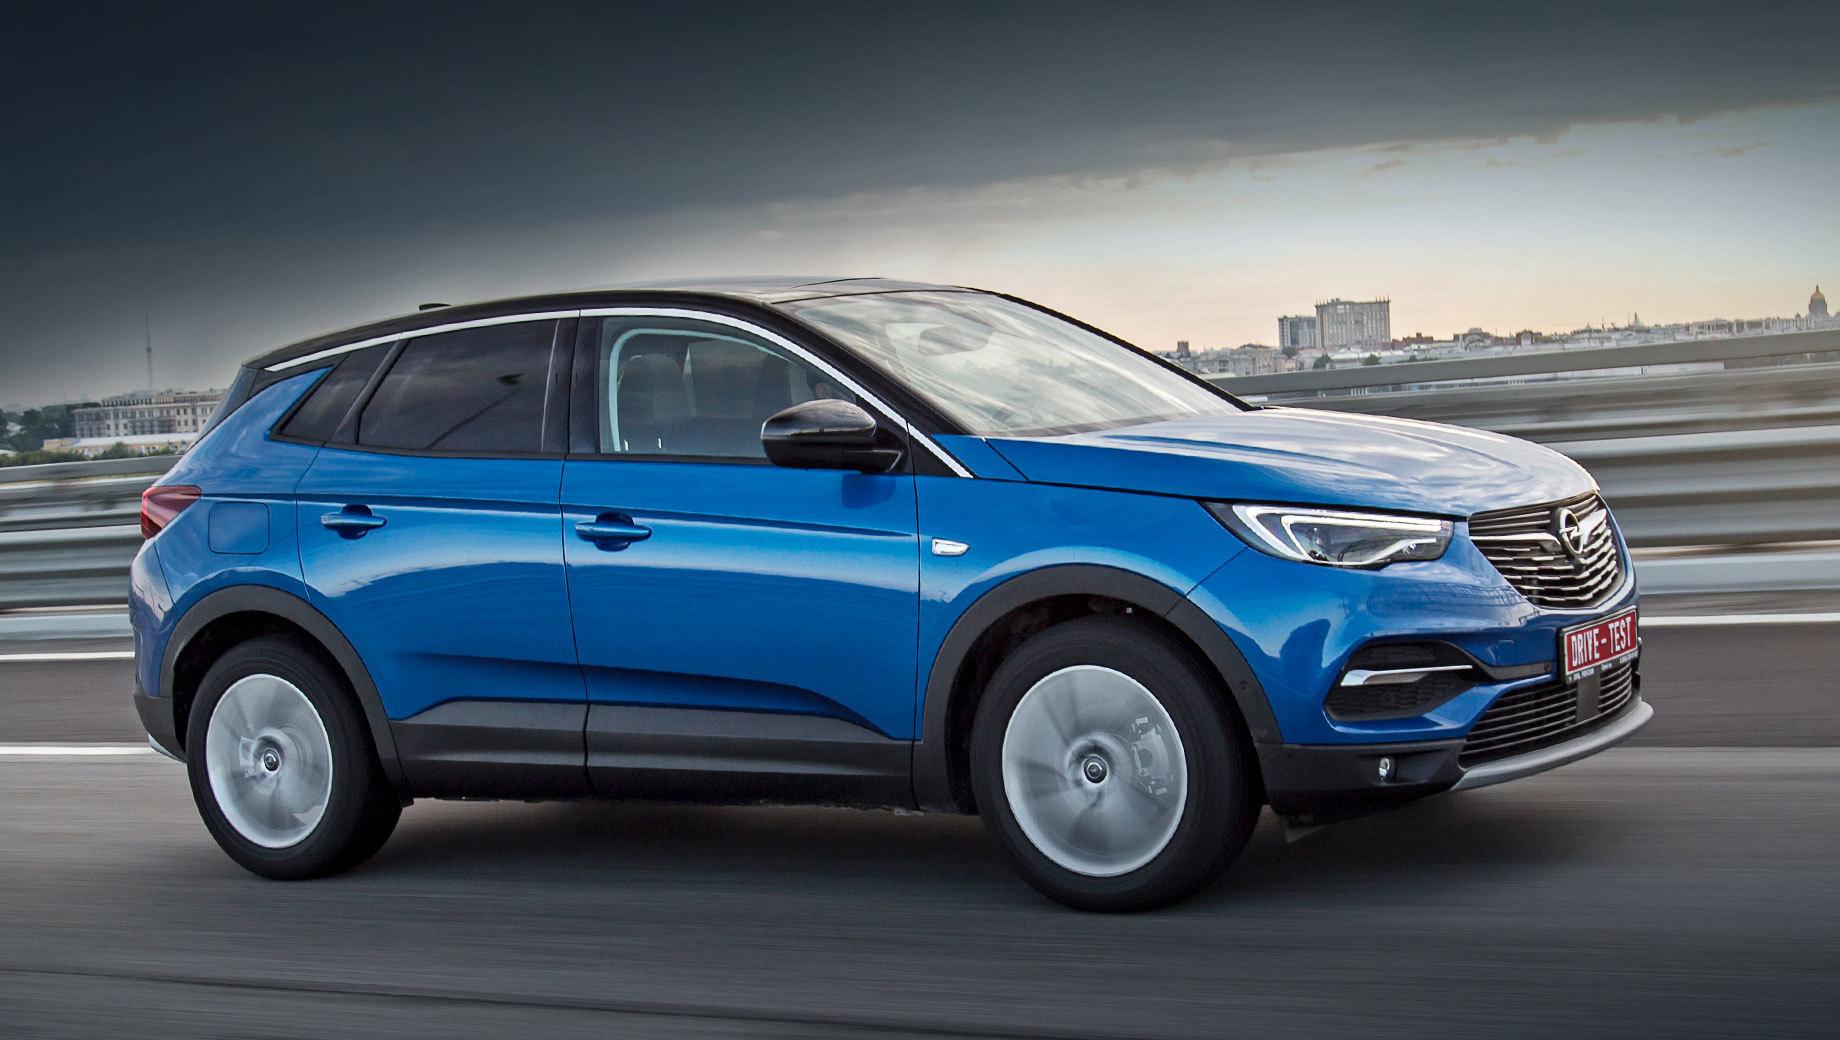 Opel grandland x. В любой версии Opel Grandland X имеет передний привод и турбомотор 1.6 на 150 л.с. с шестиступенчатым «автоматом». Три фиксированных комплектации стоят от двух миллионов ровно до 2,4 млн. Доплата за чёрные зеркала, спойлер и другие внешние элементы ― 20 тысяч рублей.